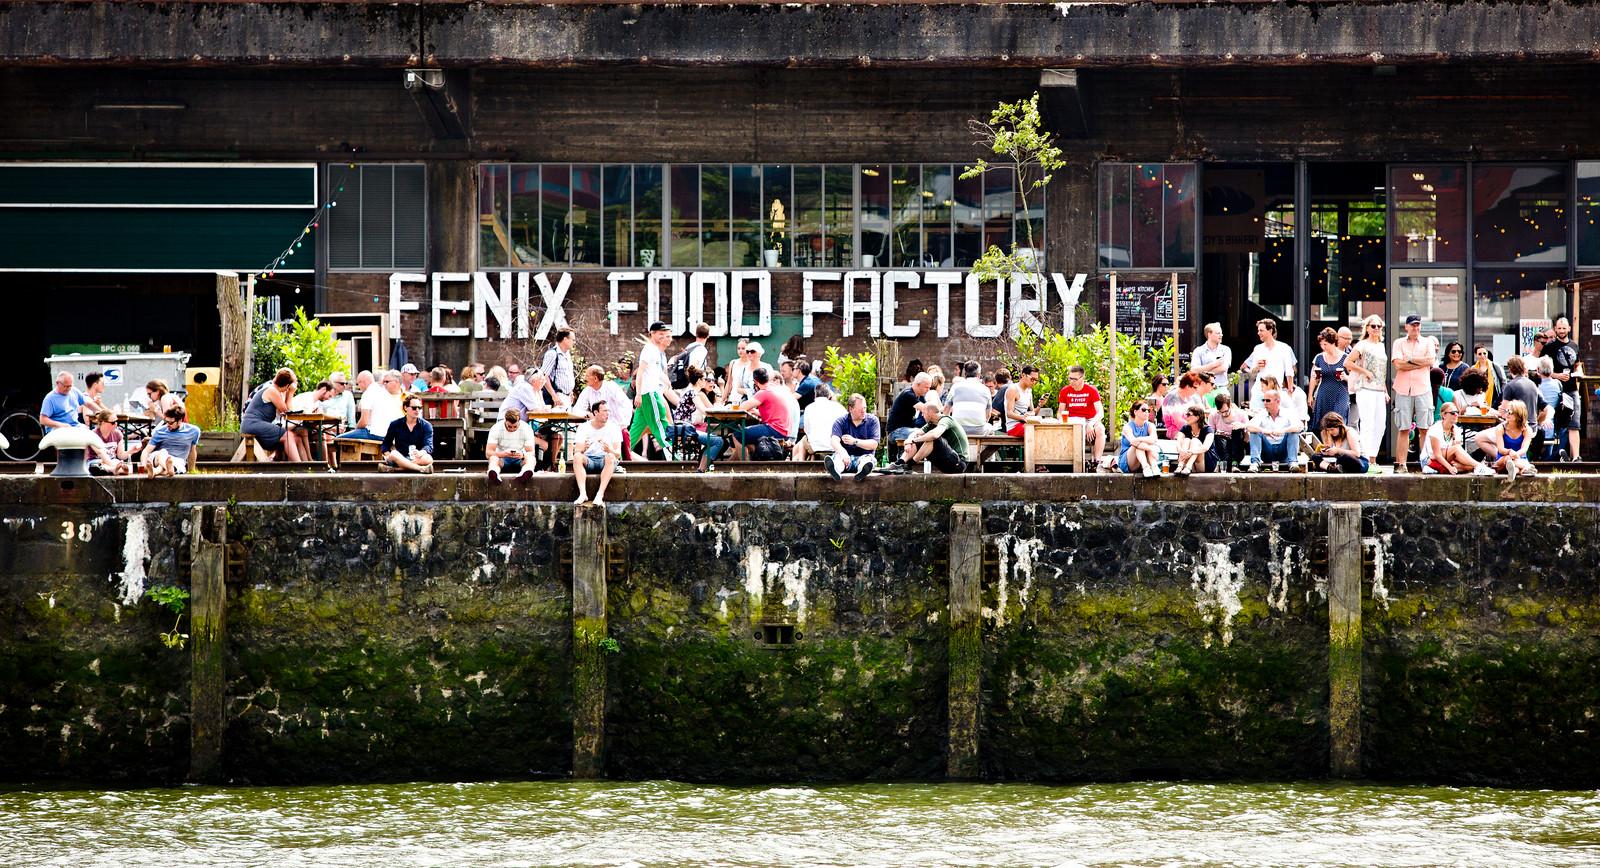 De Fenix Food Factory moet begin 2020 uit het pand in Katendrecht.